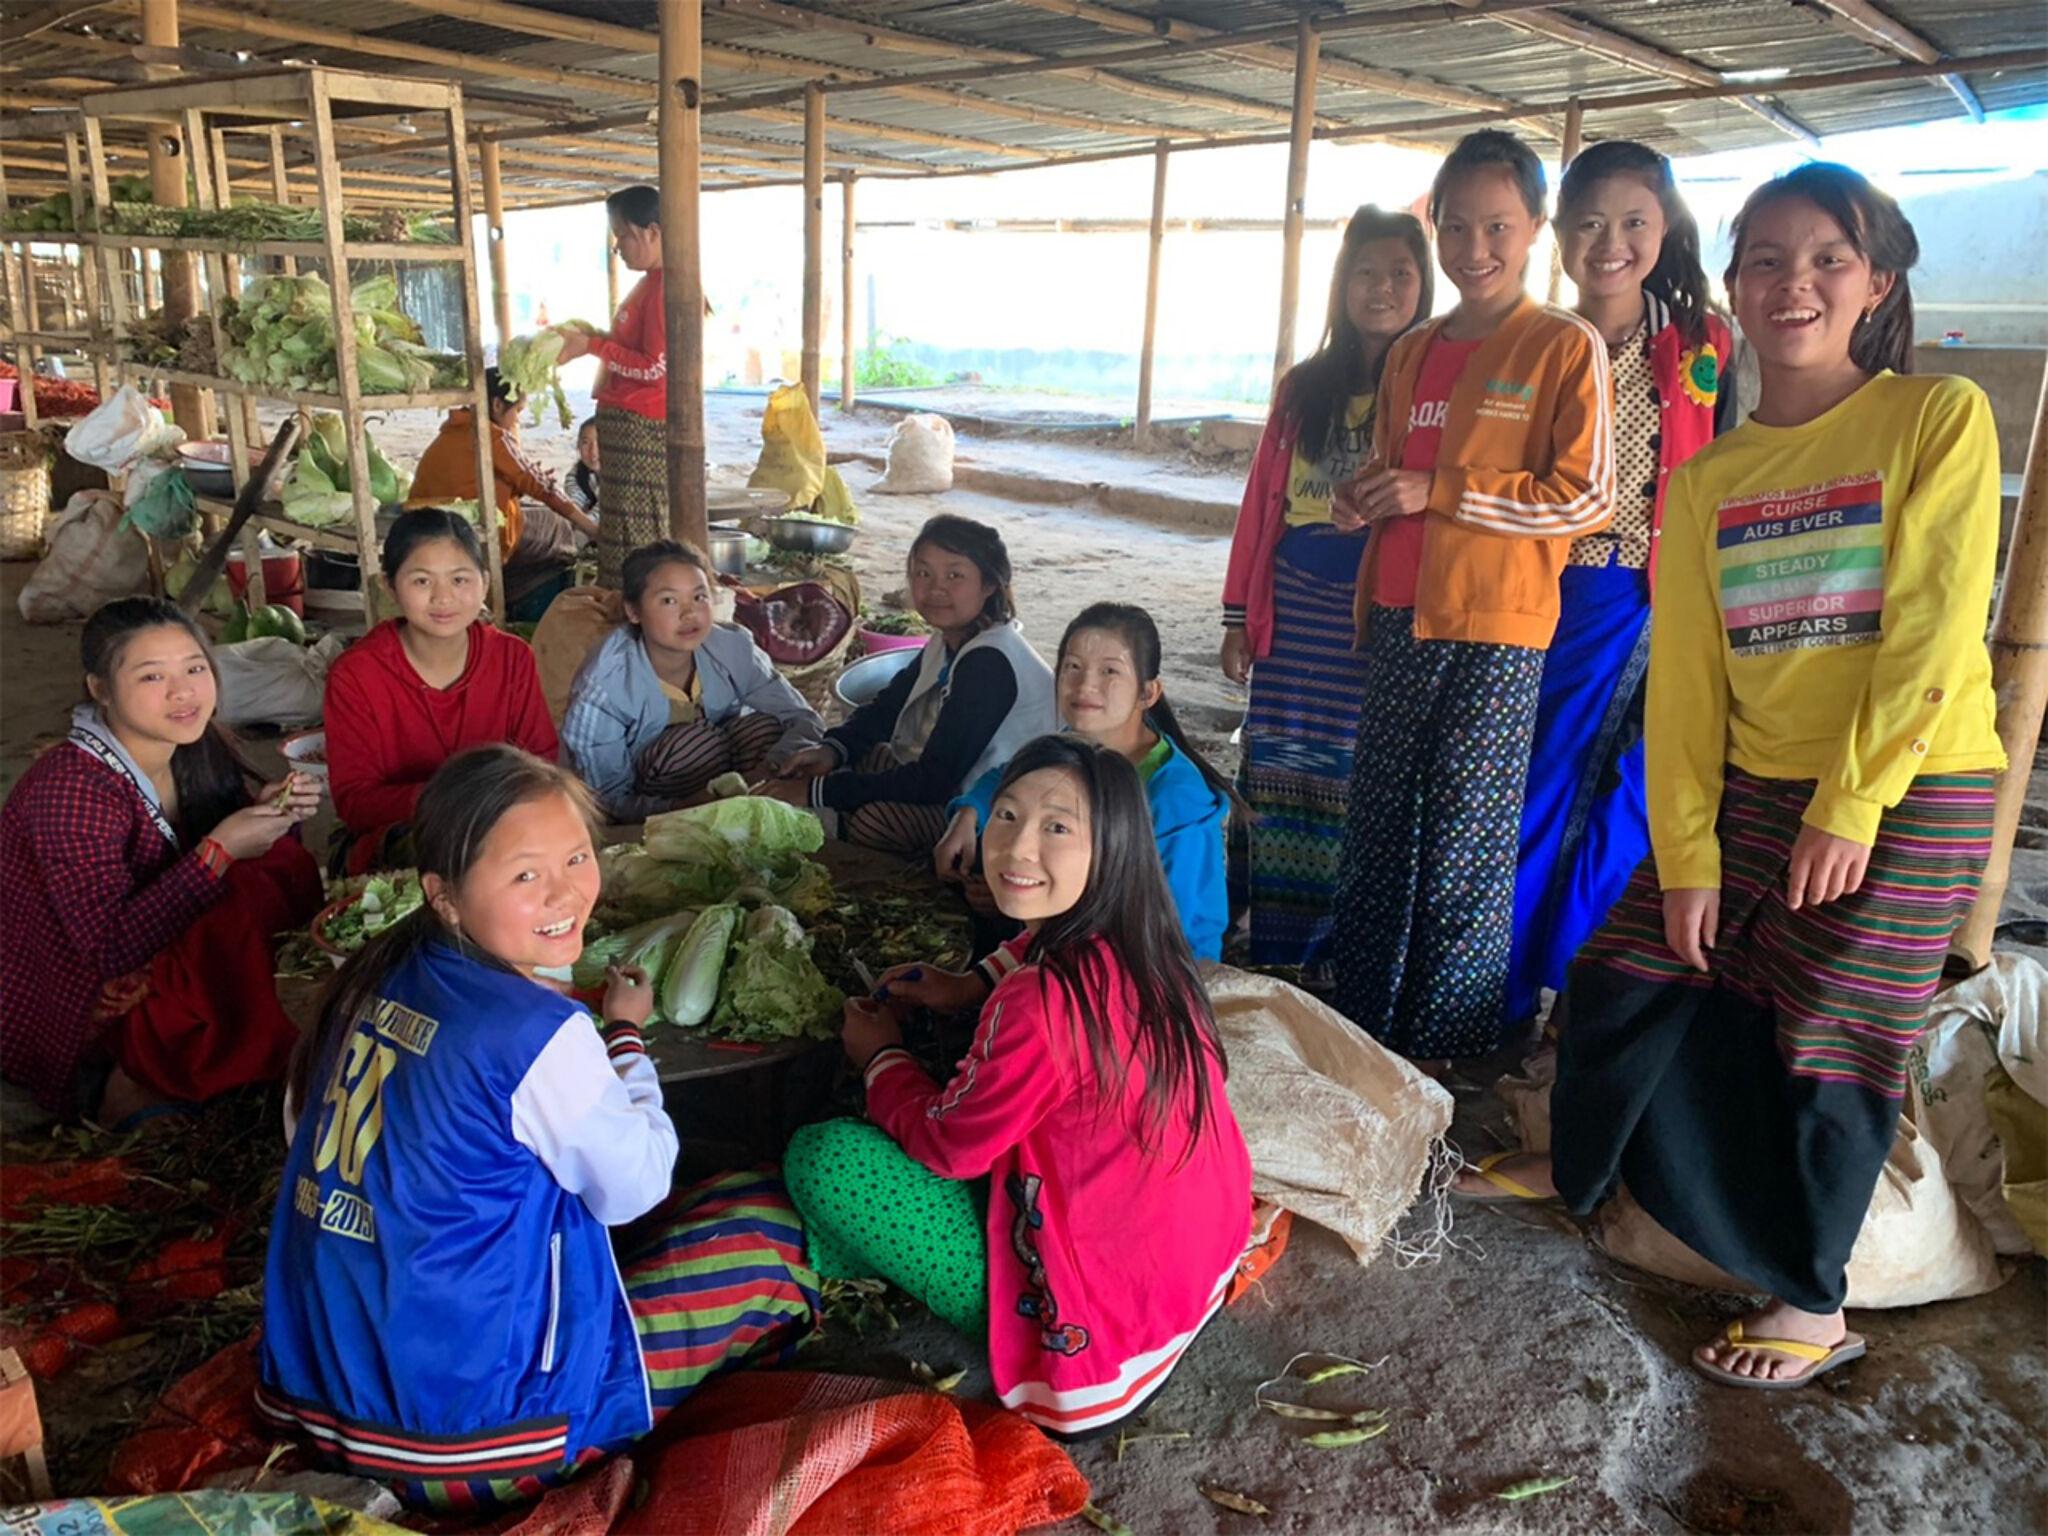 ミャンマーの女性が集まっている画像